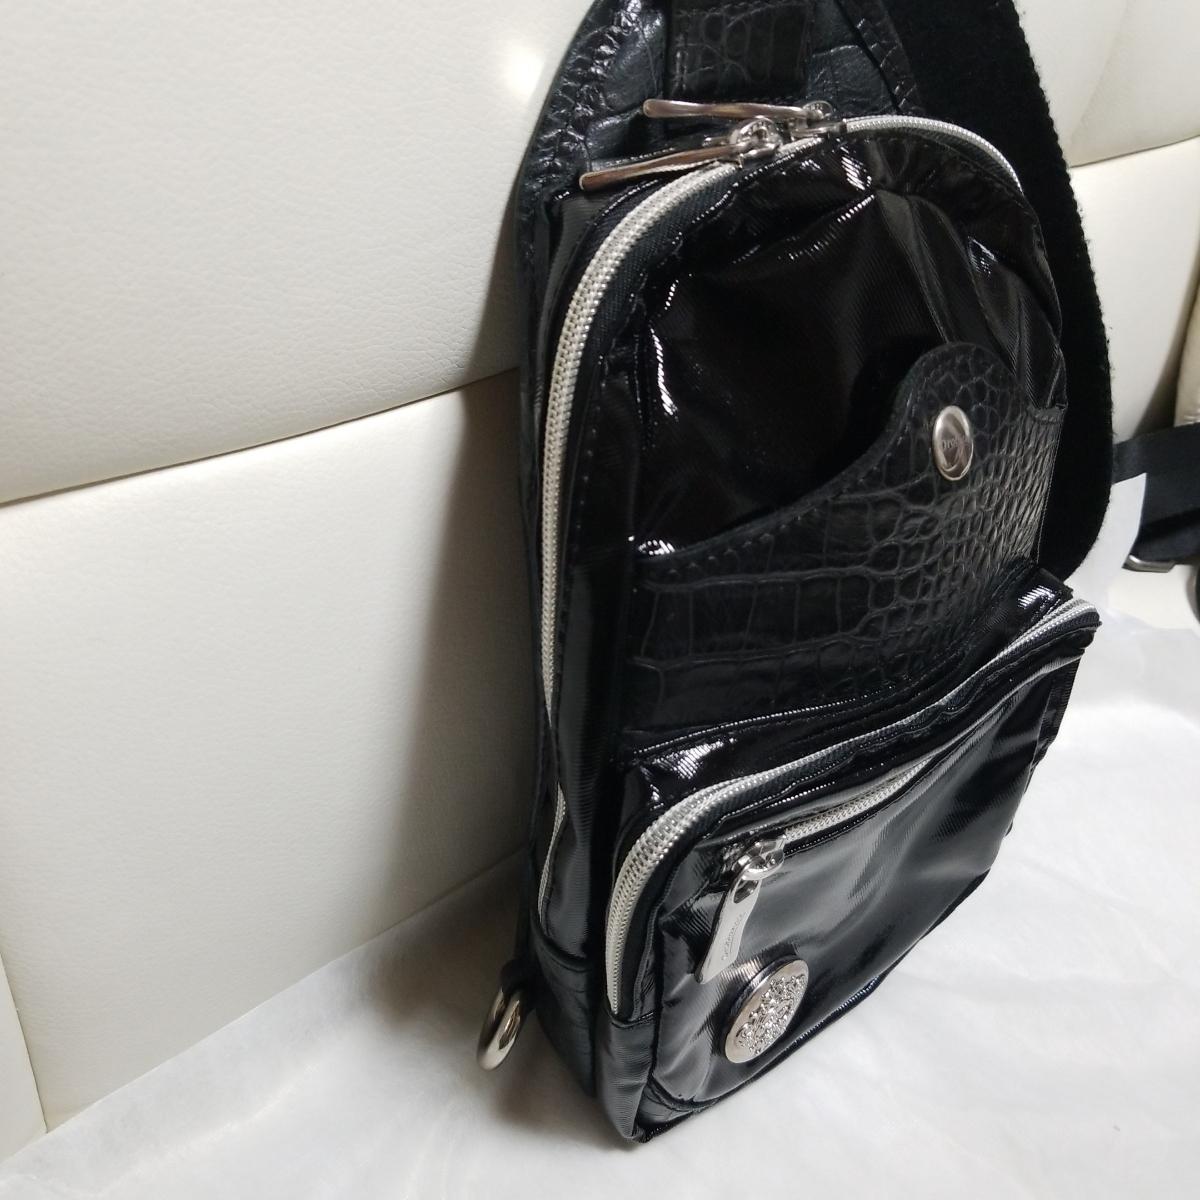 (数回利用美品)オロビアンコ Orobianco ボディーバッグ クロコ型押しブラックレザーXpv高級素材ナイロン ウエストバッグ オールブラック_画像2